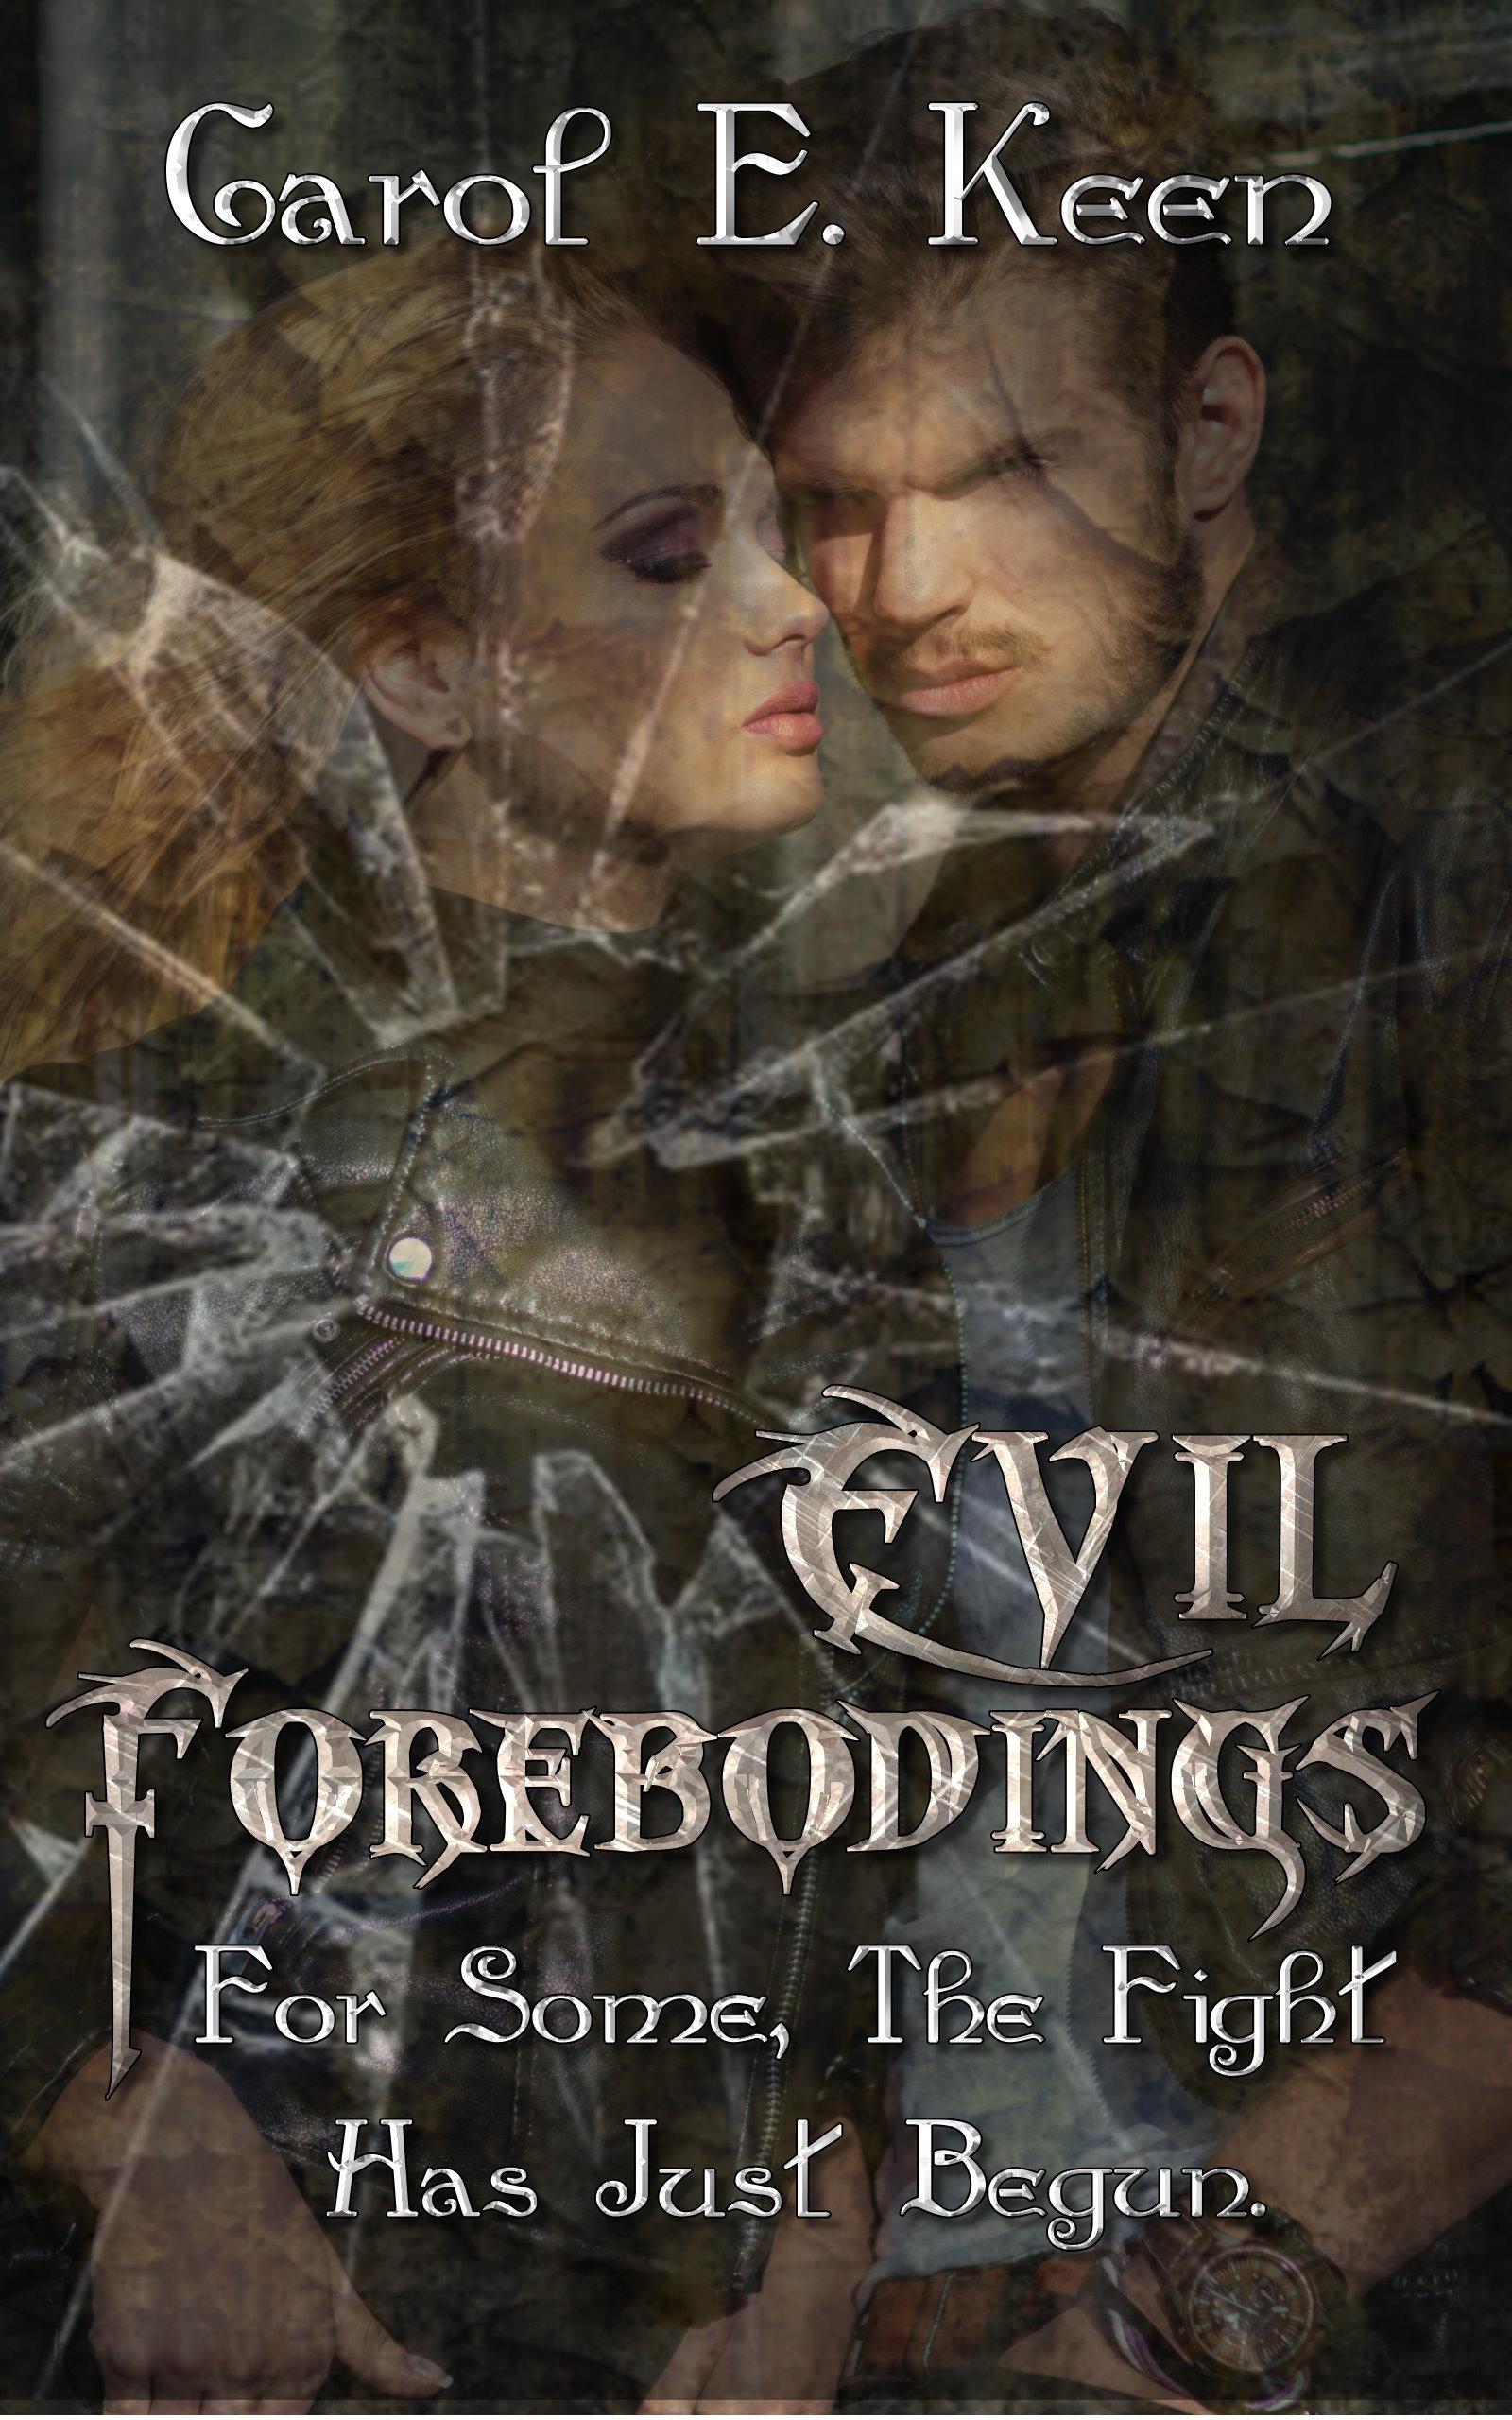 Evil Forebodings Carol E. Keen